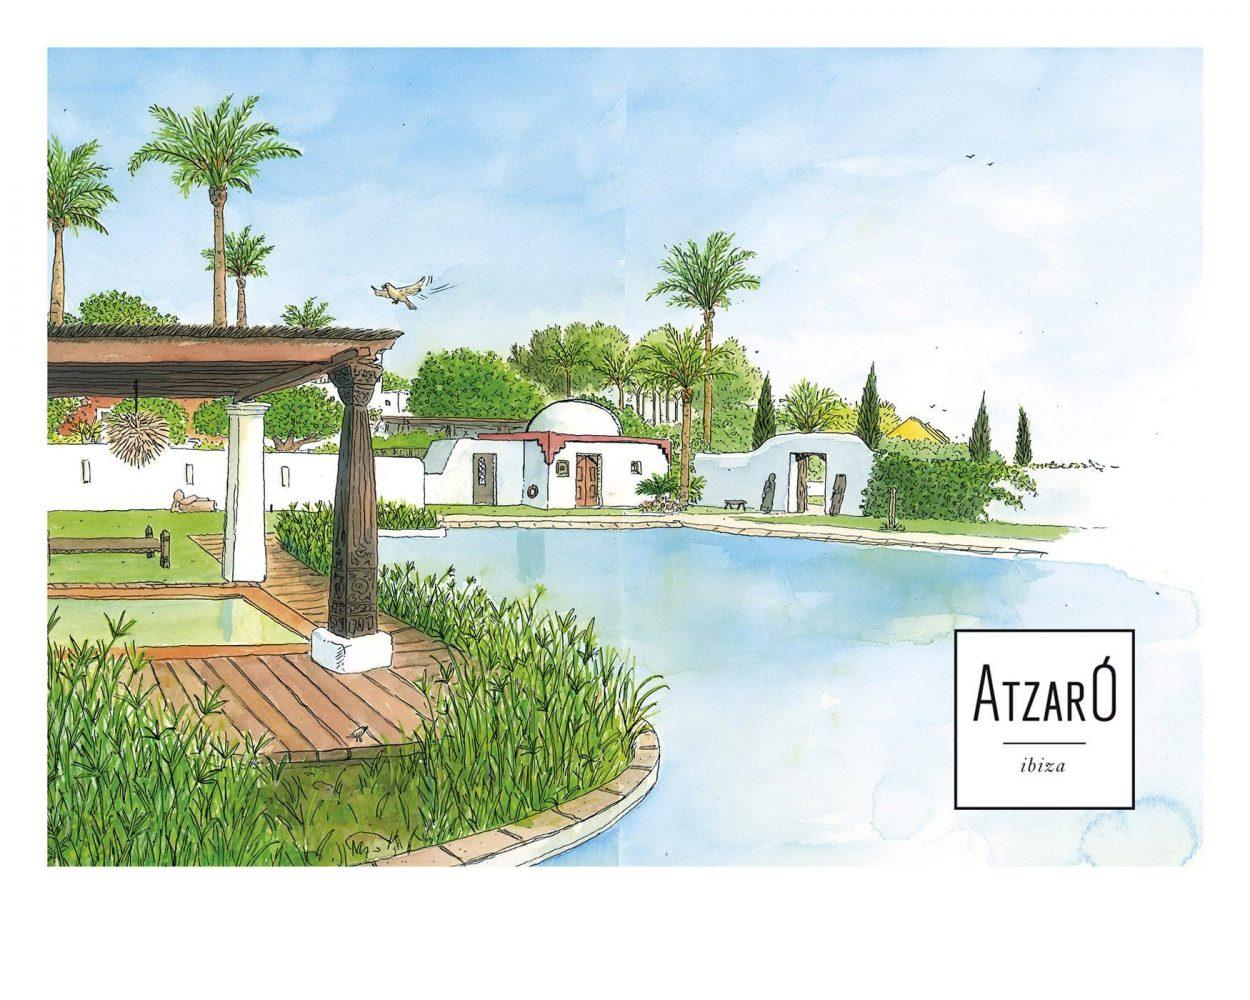 Dibujo en acuarela del hotel rural de lujo Hotel Atzaró en la isla de Ibiza. Baleares. España. Mar mediterráneo. Paisajes